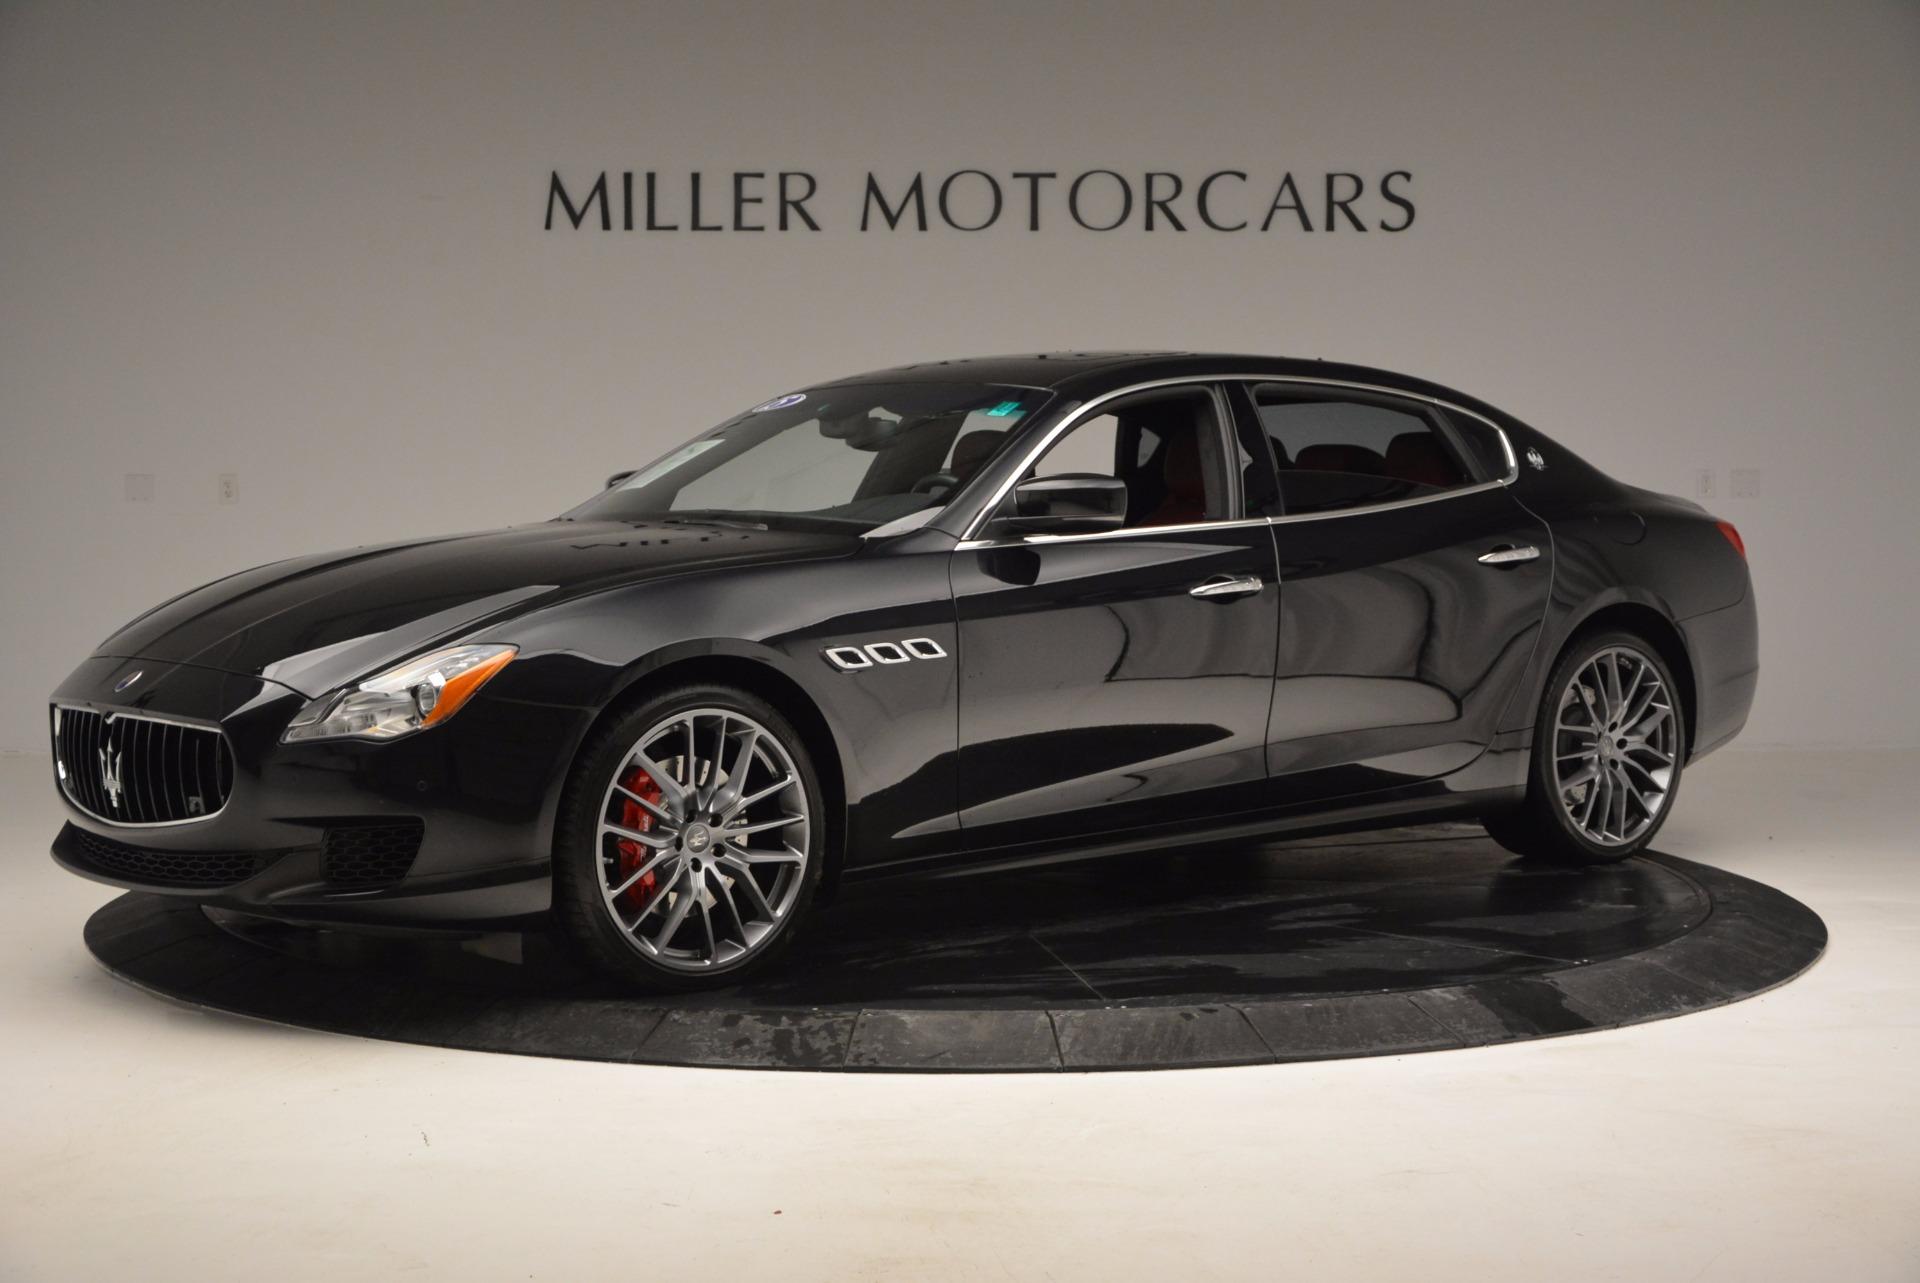 Used 2015 Maserati Quattroporte S Q4 For Sale In Westport, CT 809_p2